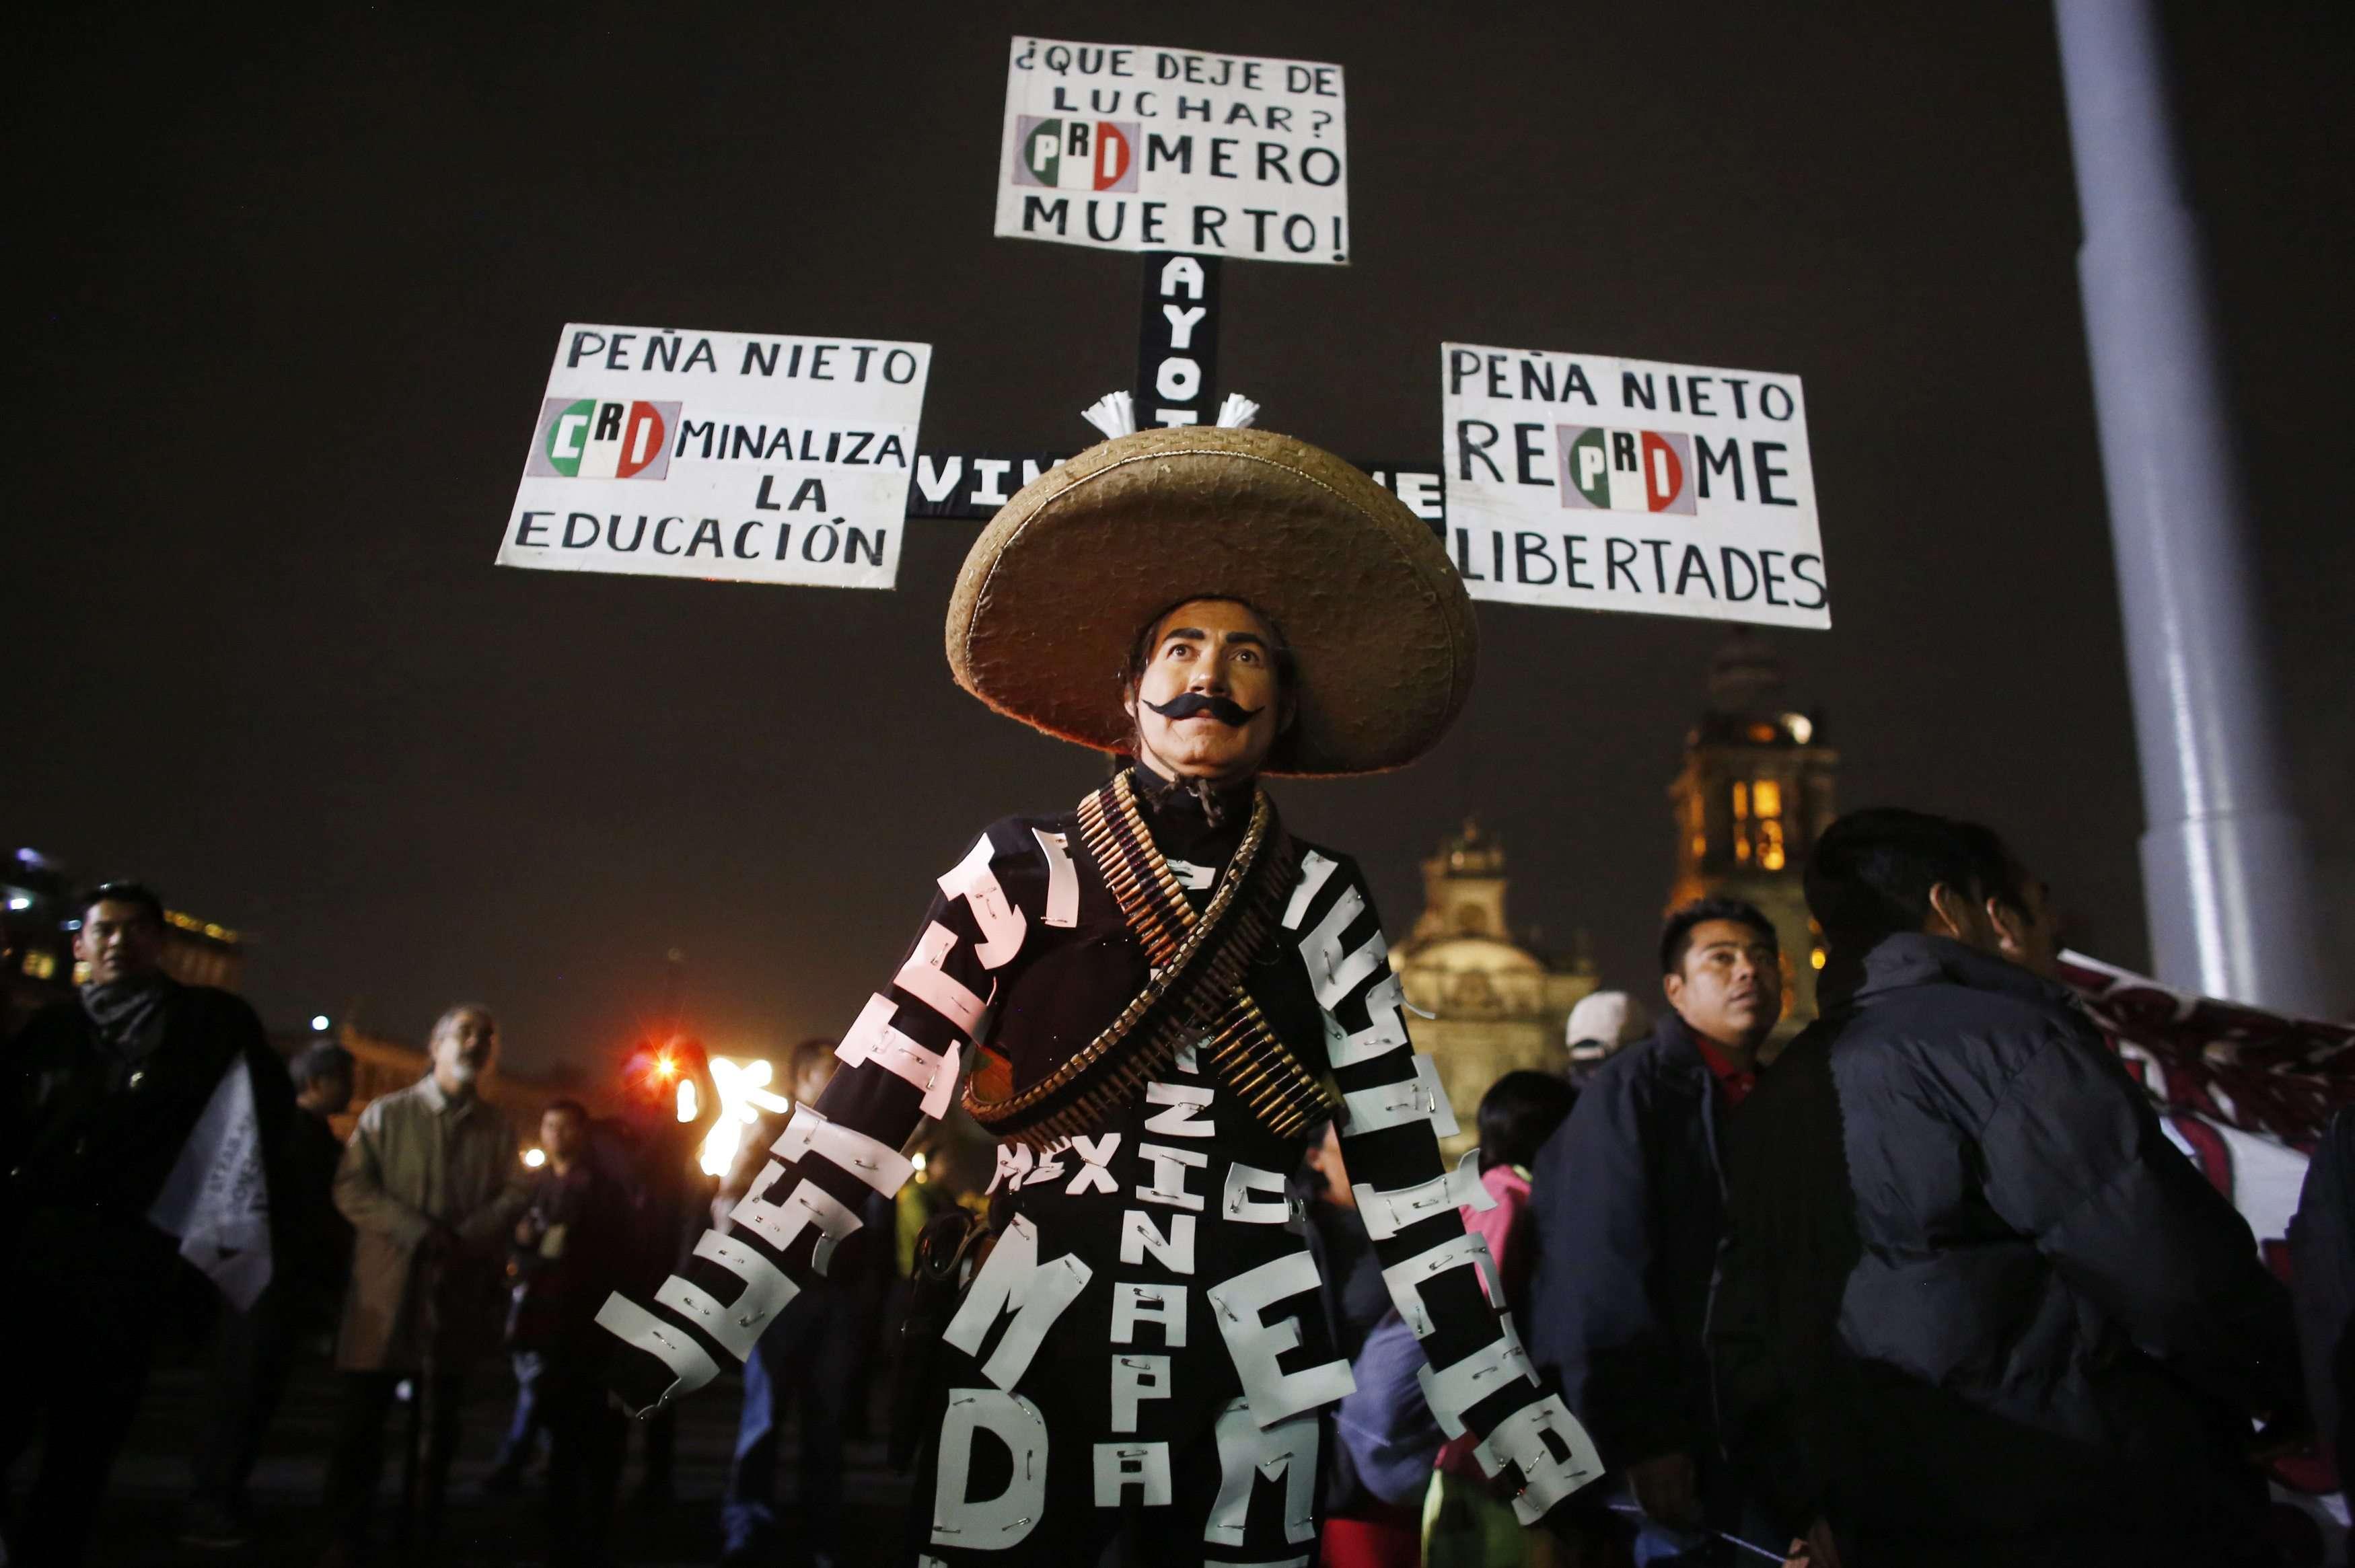 Miles de personas recorrieron el DF mexicano este 21 de noviembre en apoyo a los 43 estudiantes desaparecidos y sus familias, y contra el presidente Enrique Peña Nieto. Foto: Reuters en español